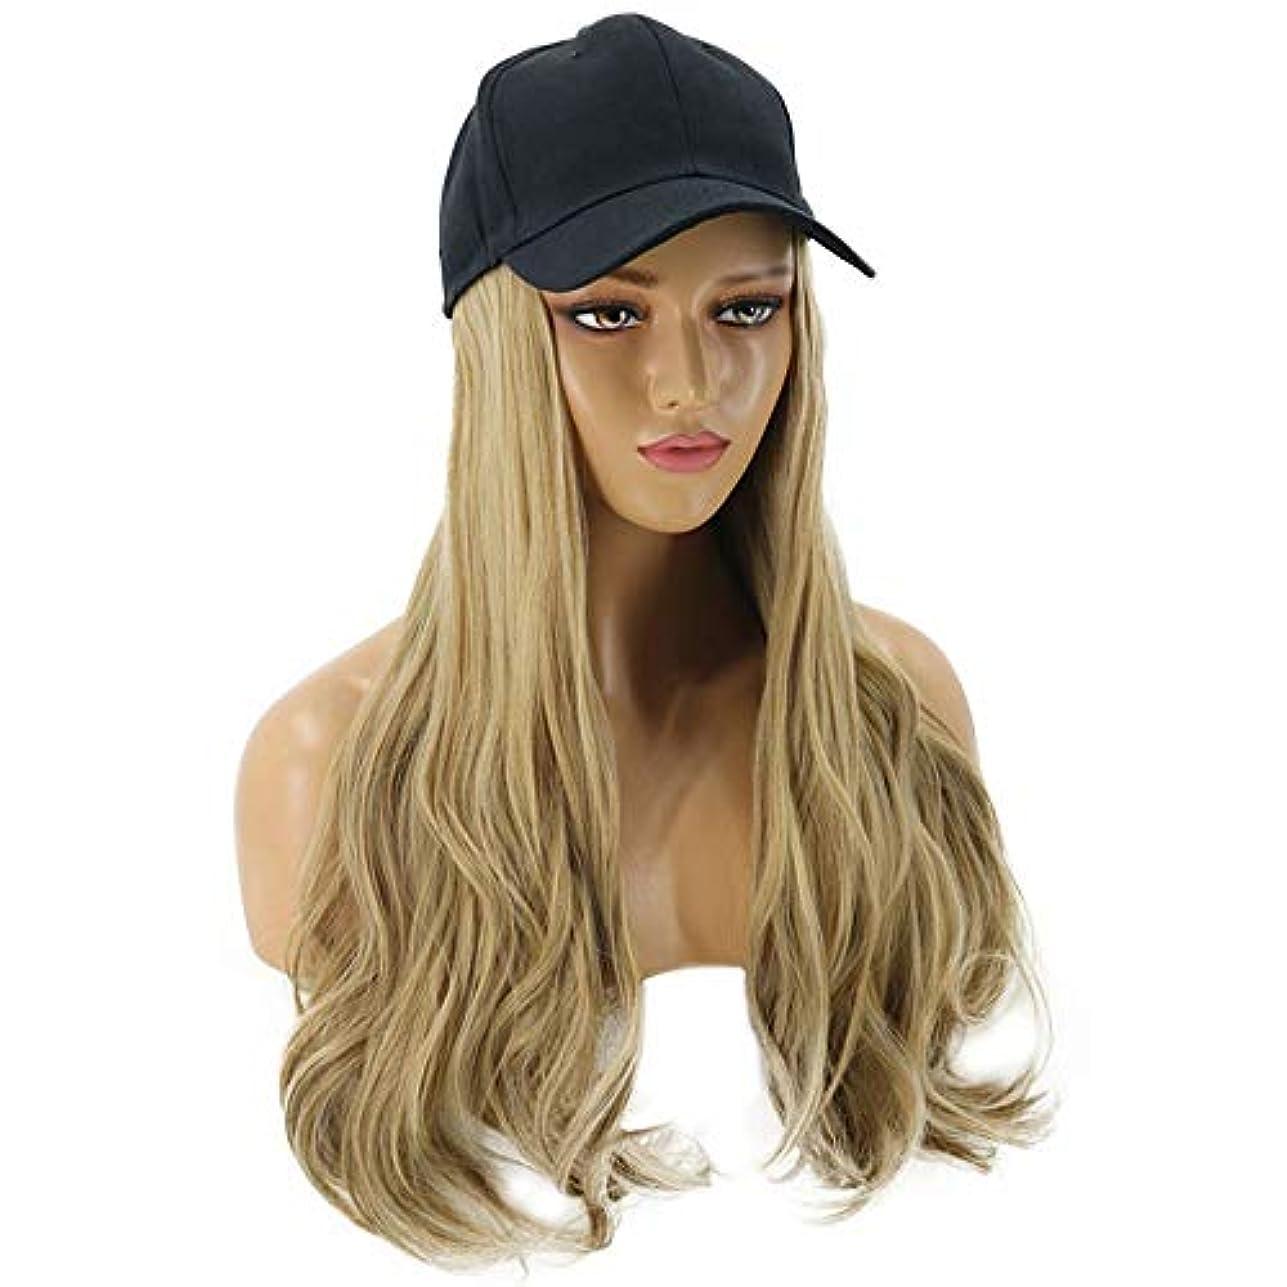 ペルメル再開免除するHAILAN HOME-かつら 女性のファッションノベルティかつらハットワンピース帽子ウィッグForesightfulカーリーヘアグラデーションブラウンワンピース取り外し可能 (色 : Mixed gold)